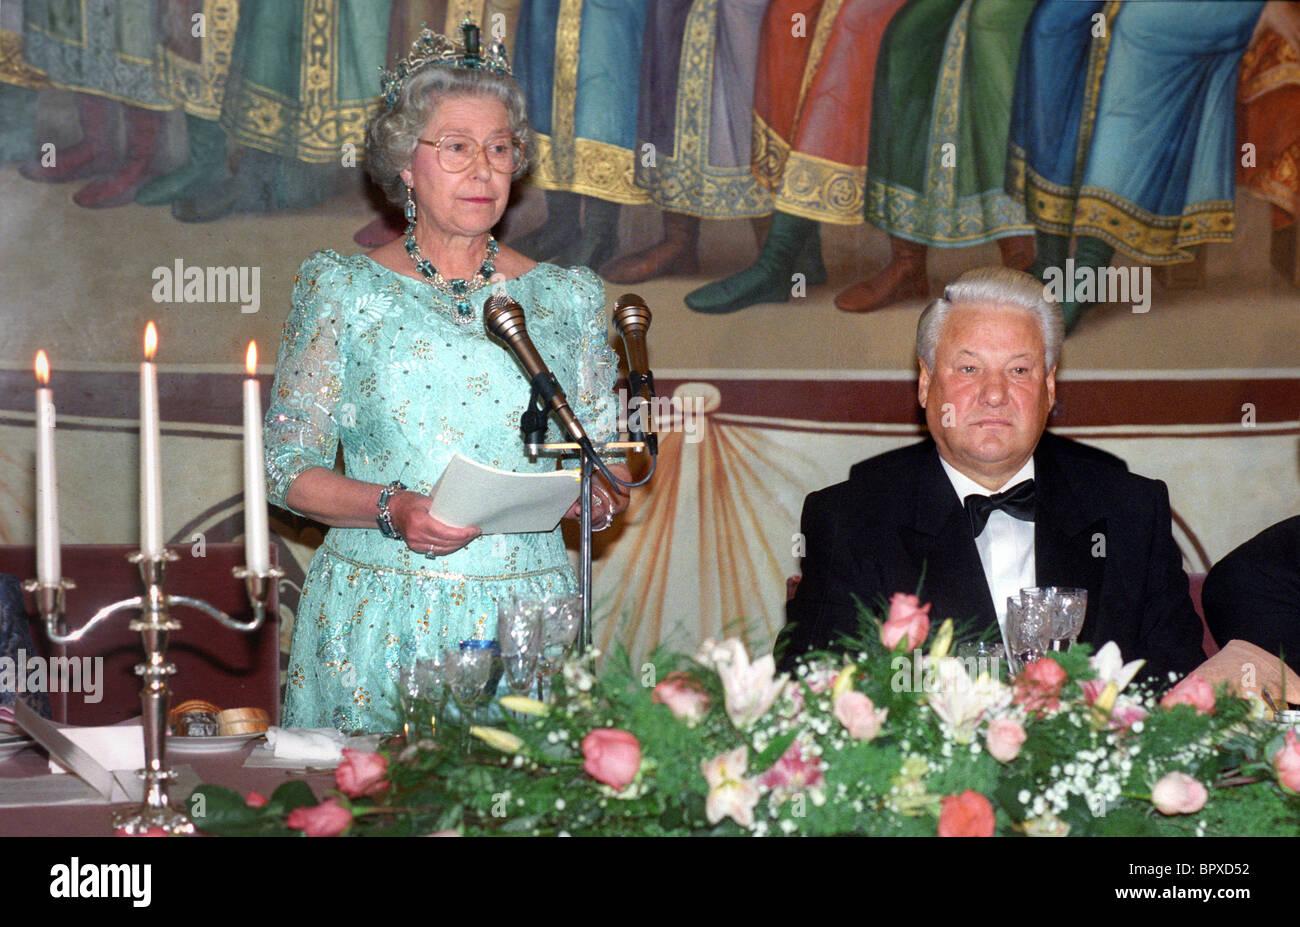 Queen Elizabeth II visit to Moscow, 1994 - Stock Image